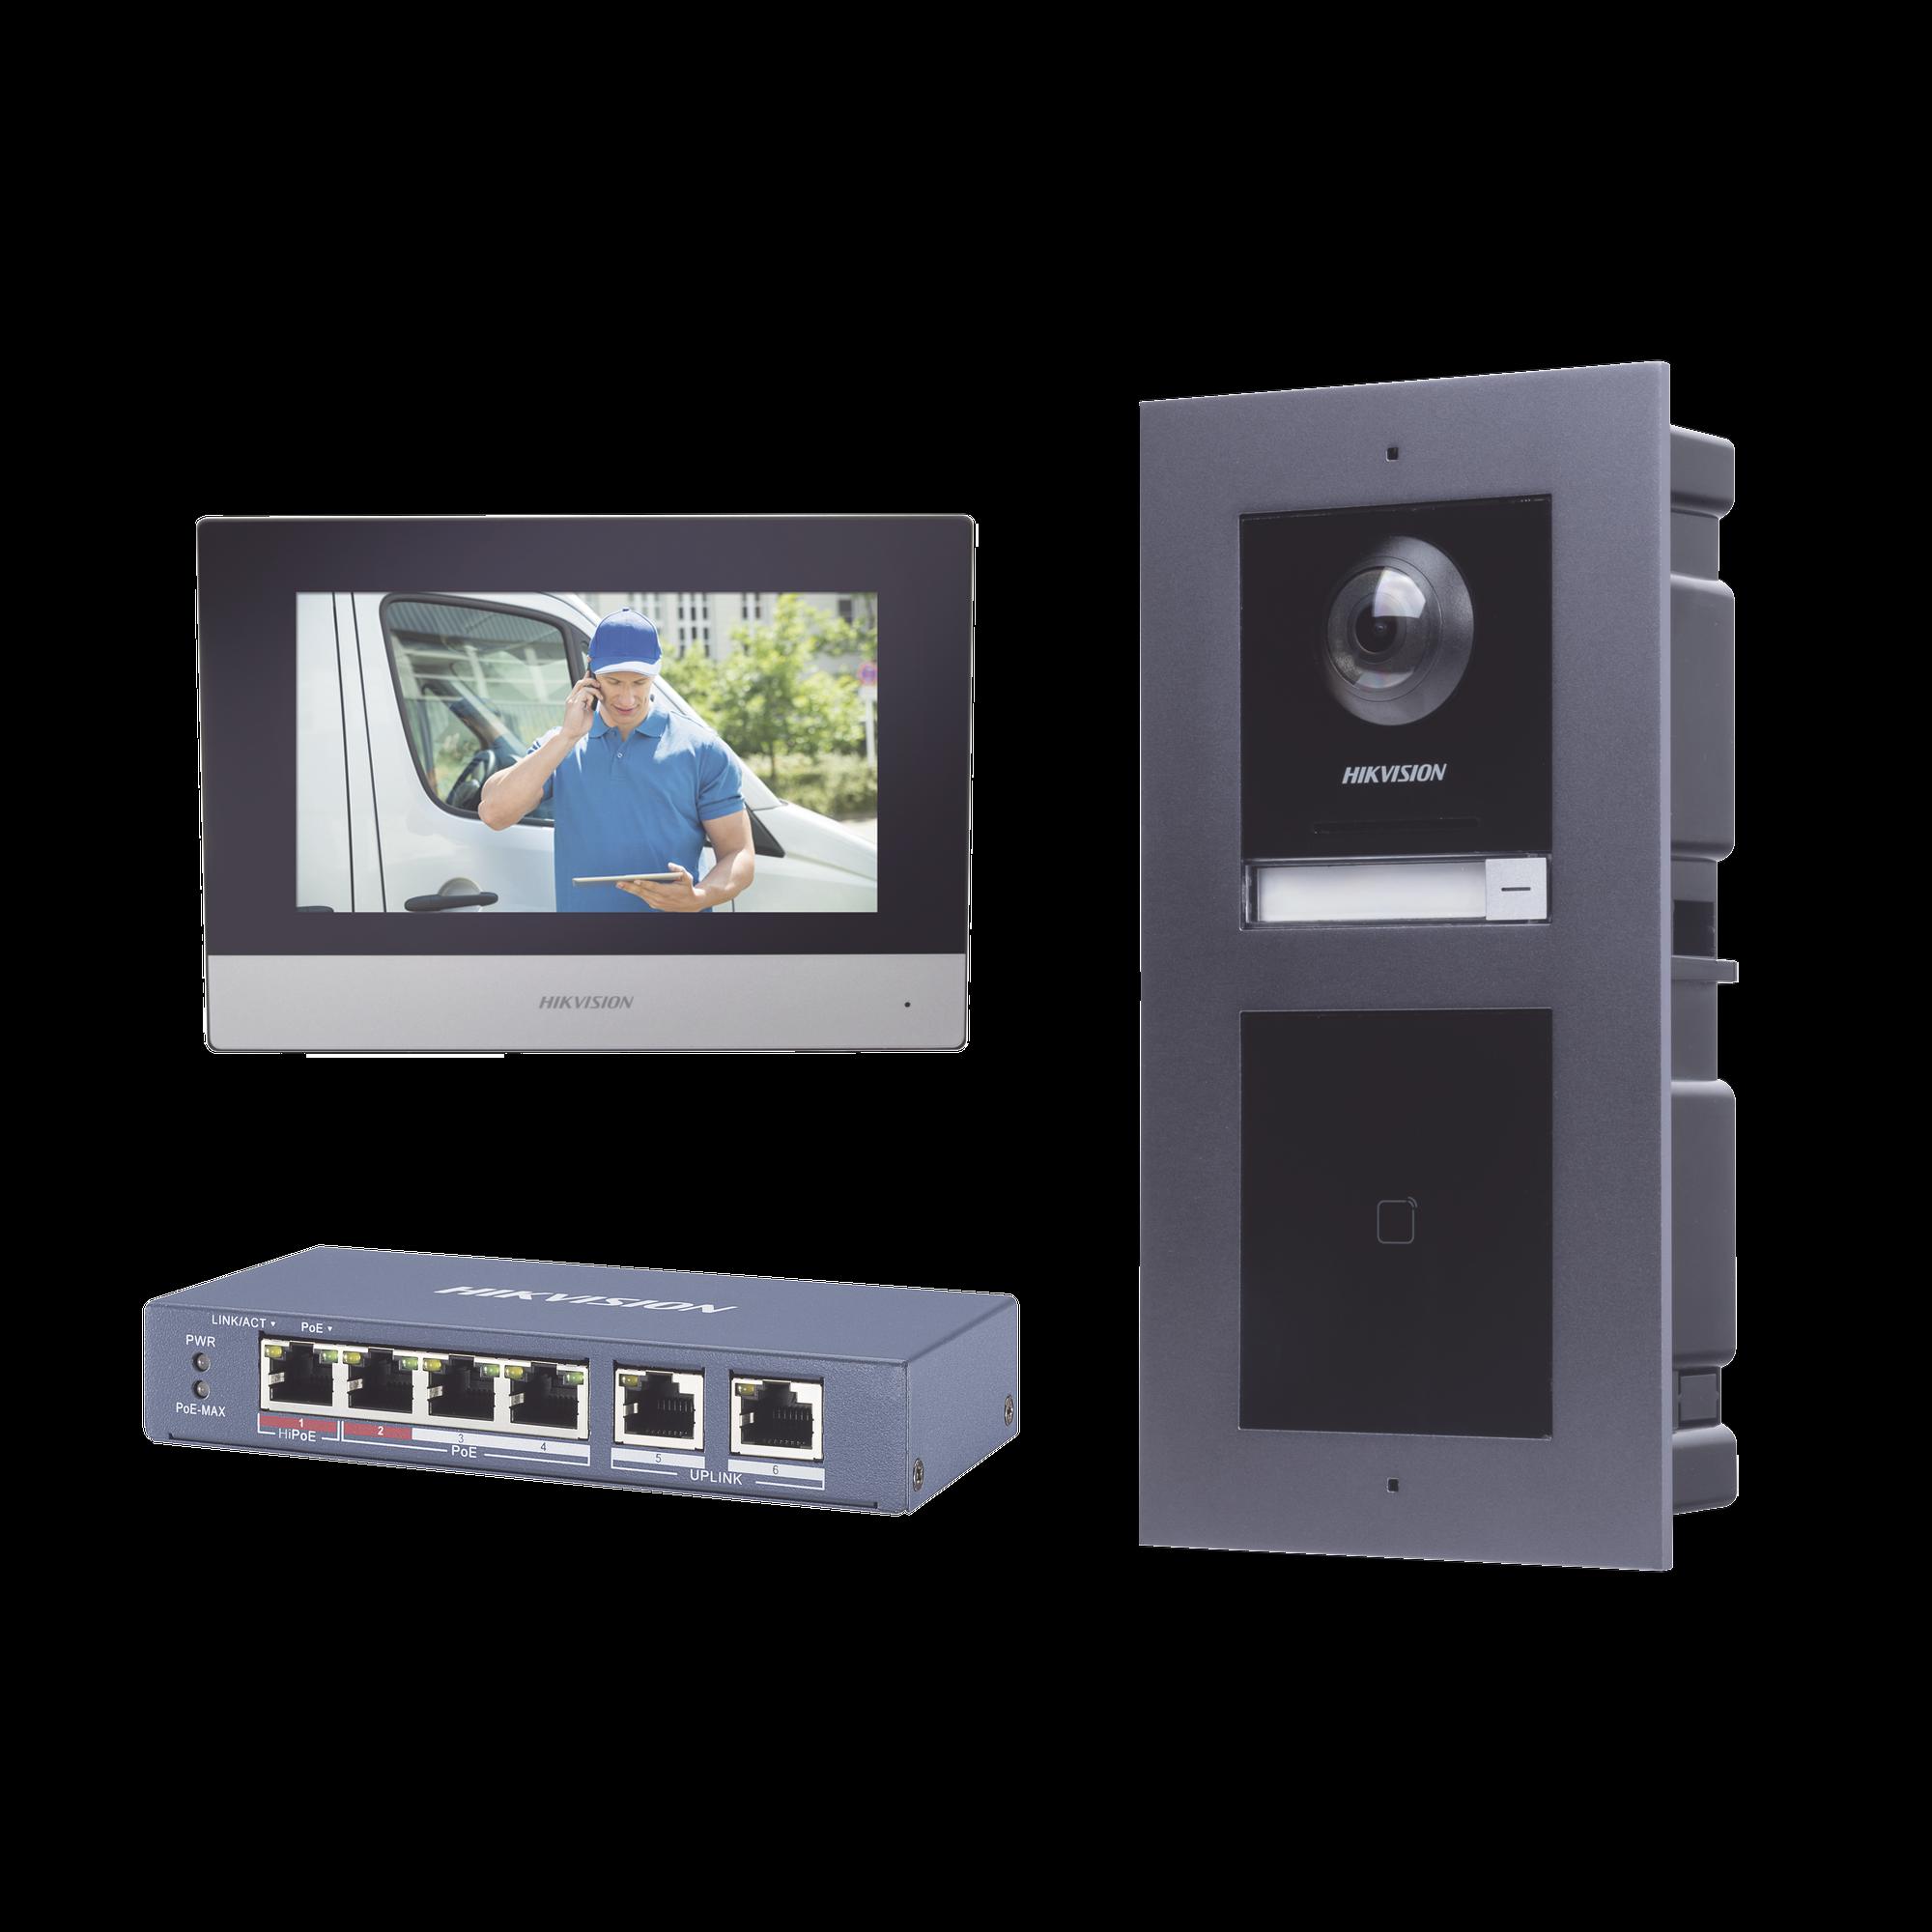 KIT de Videoportero IP con llamada a App de Smartphone y Lector de Tarjetas EM / 2da Generación (Modular) / Montaje para EMPOTRAR incluido